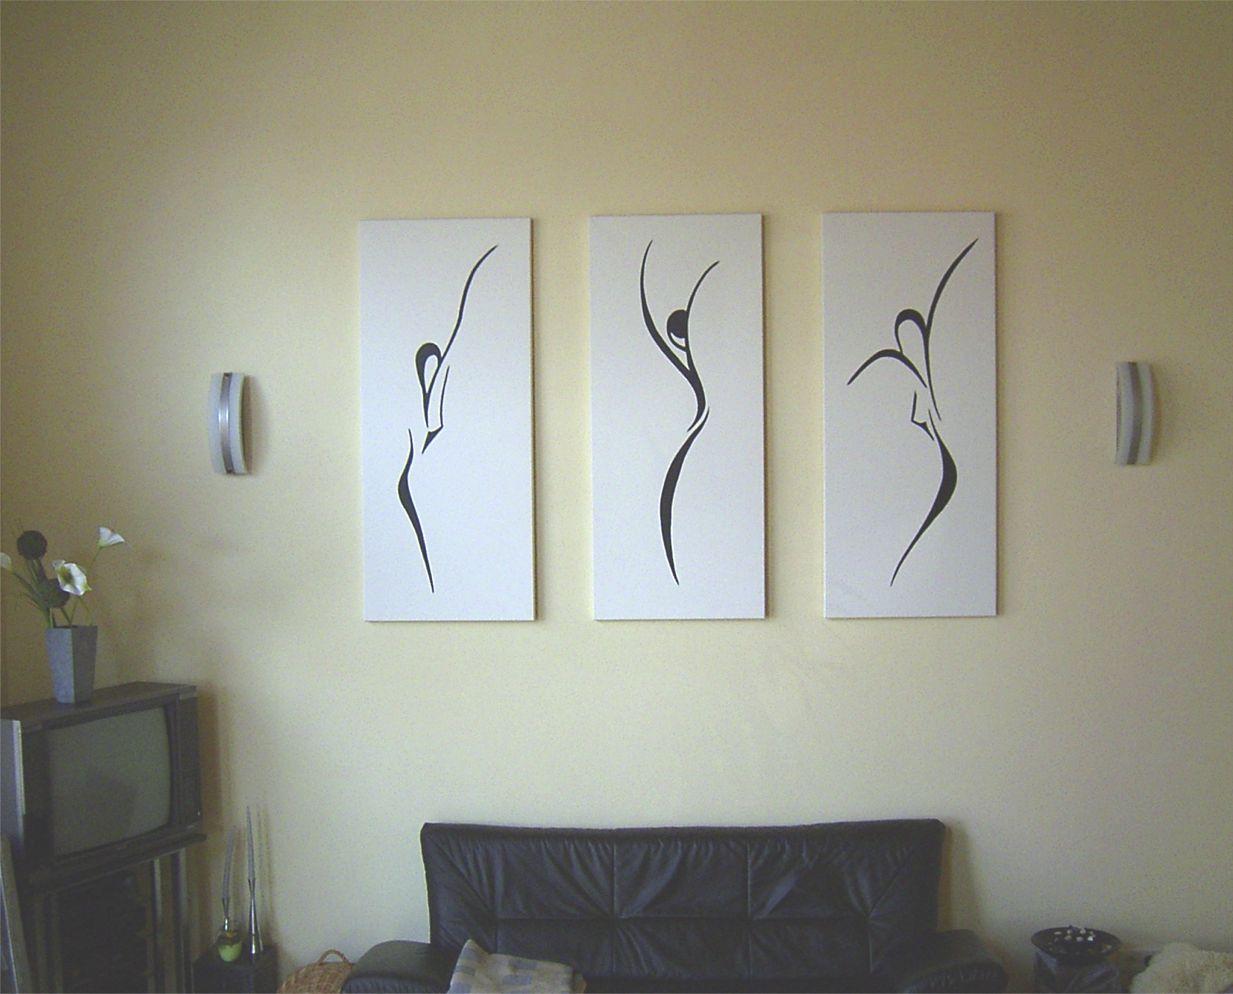 Kunst Gemälde 2003 - brill-art.de